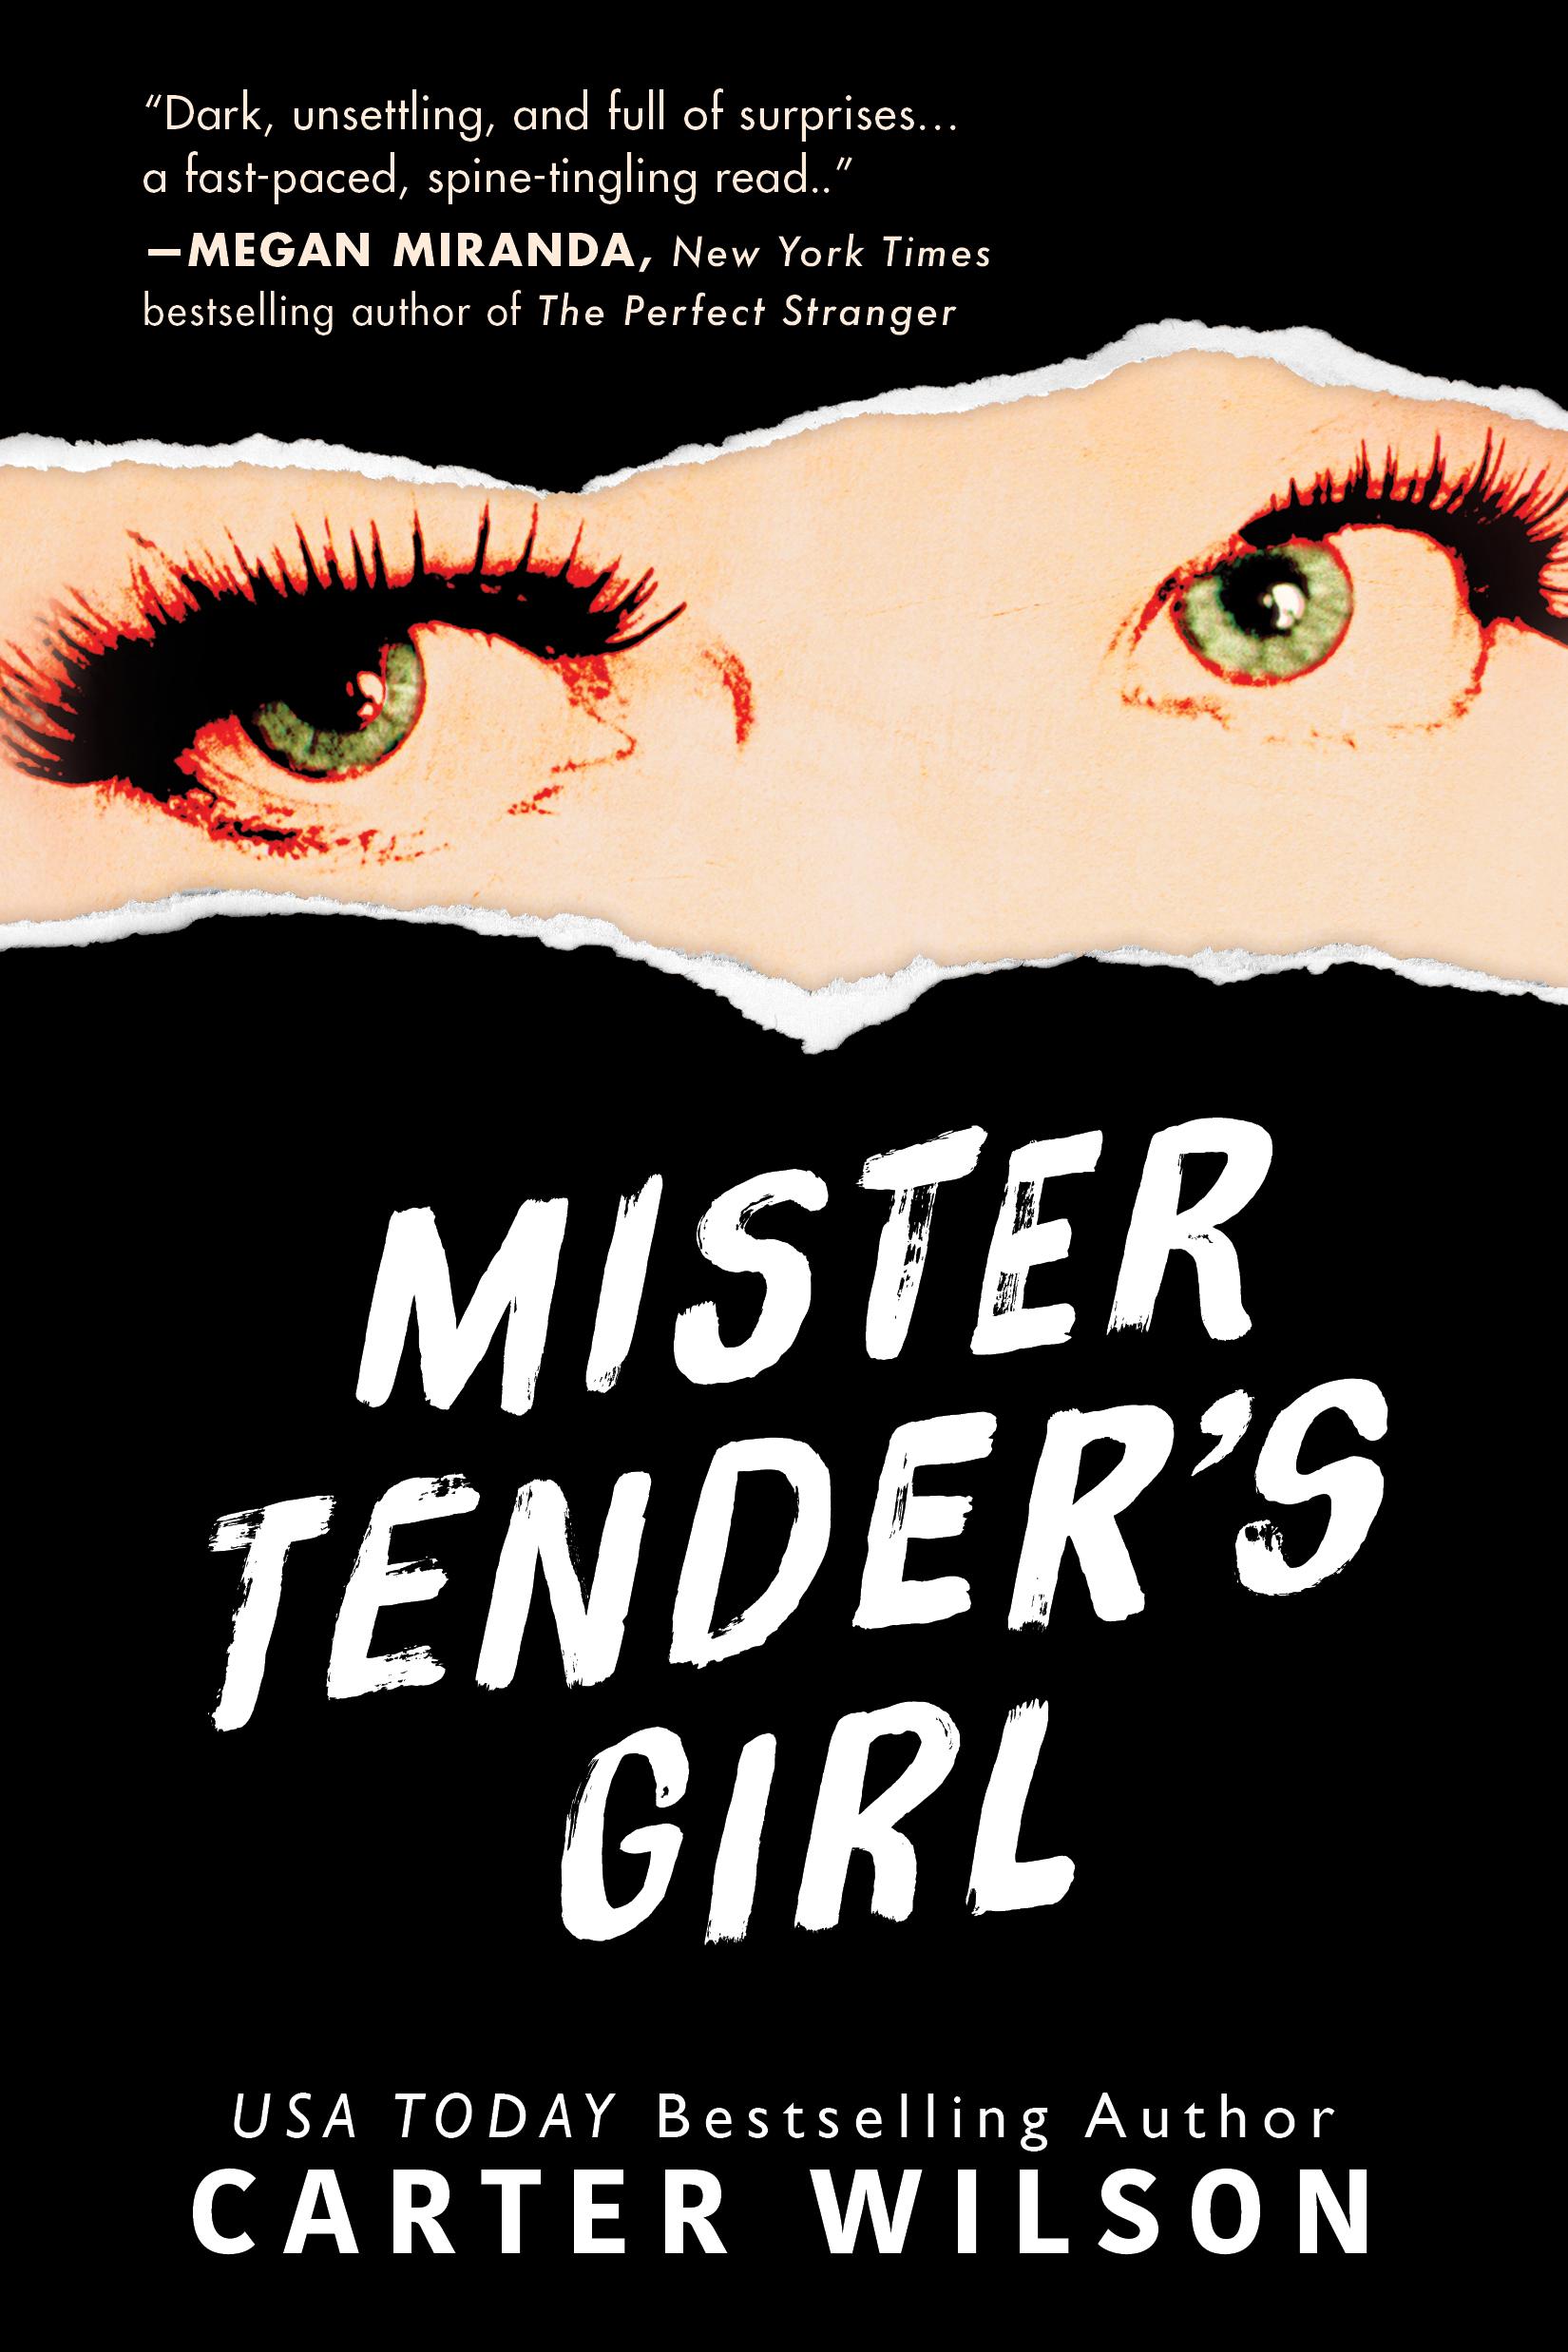 Photo: Mister Tender's Girl Book Cover